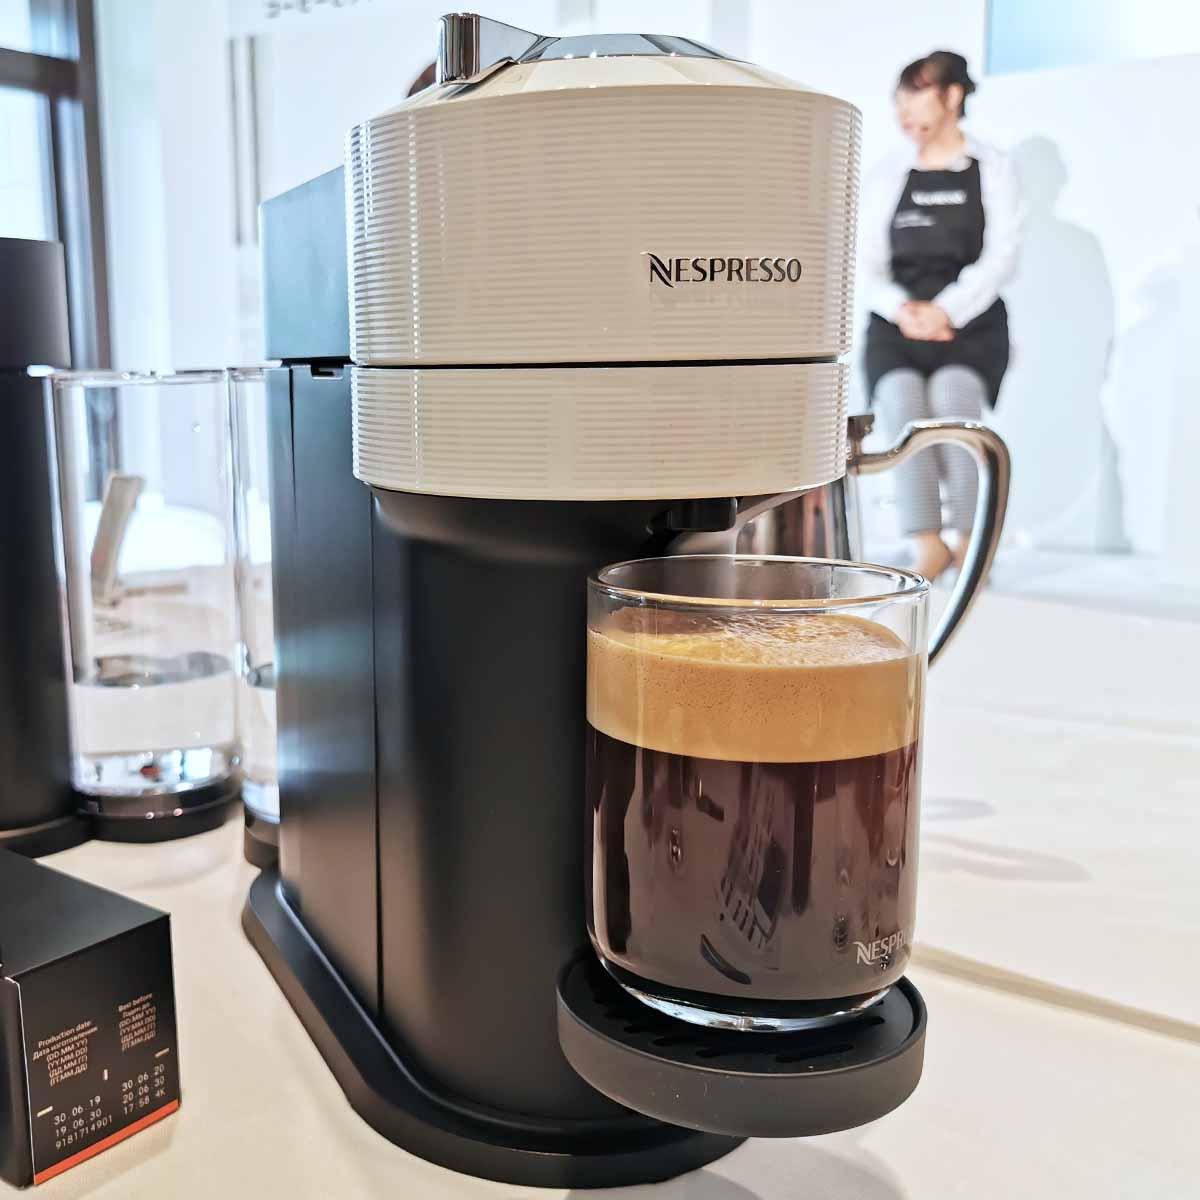 飲んできた! ふっかふかのクレマがおいしいネスプレッソのコーヒーマシン「ヴァーチュオ」が日本上陸